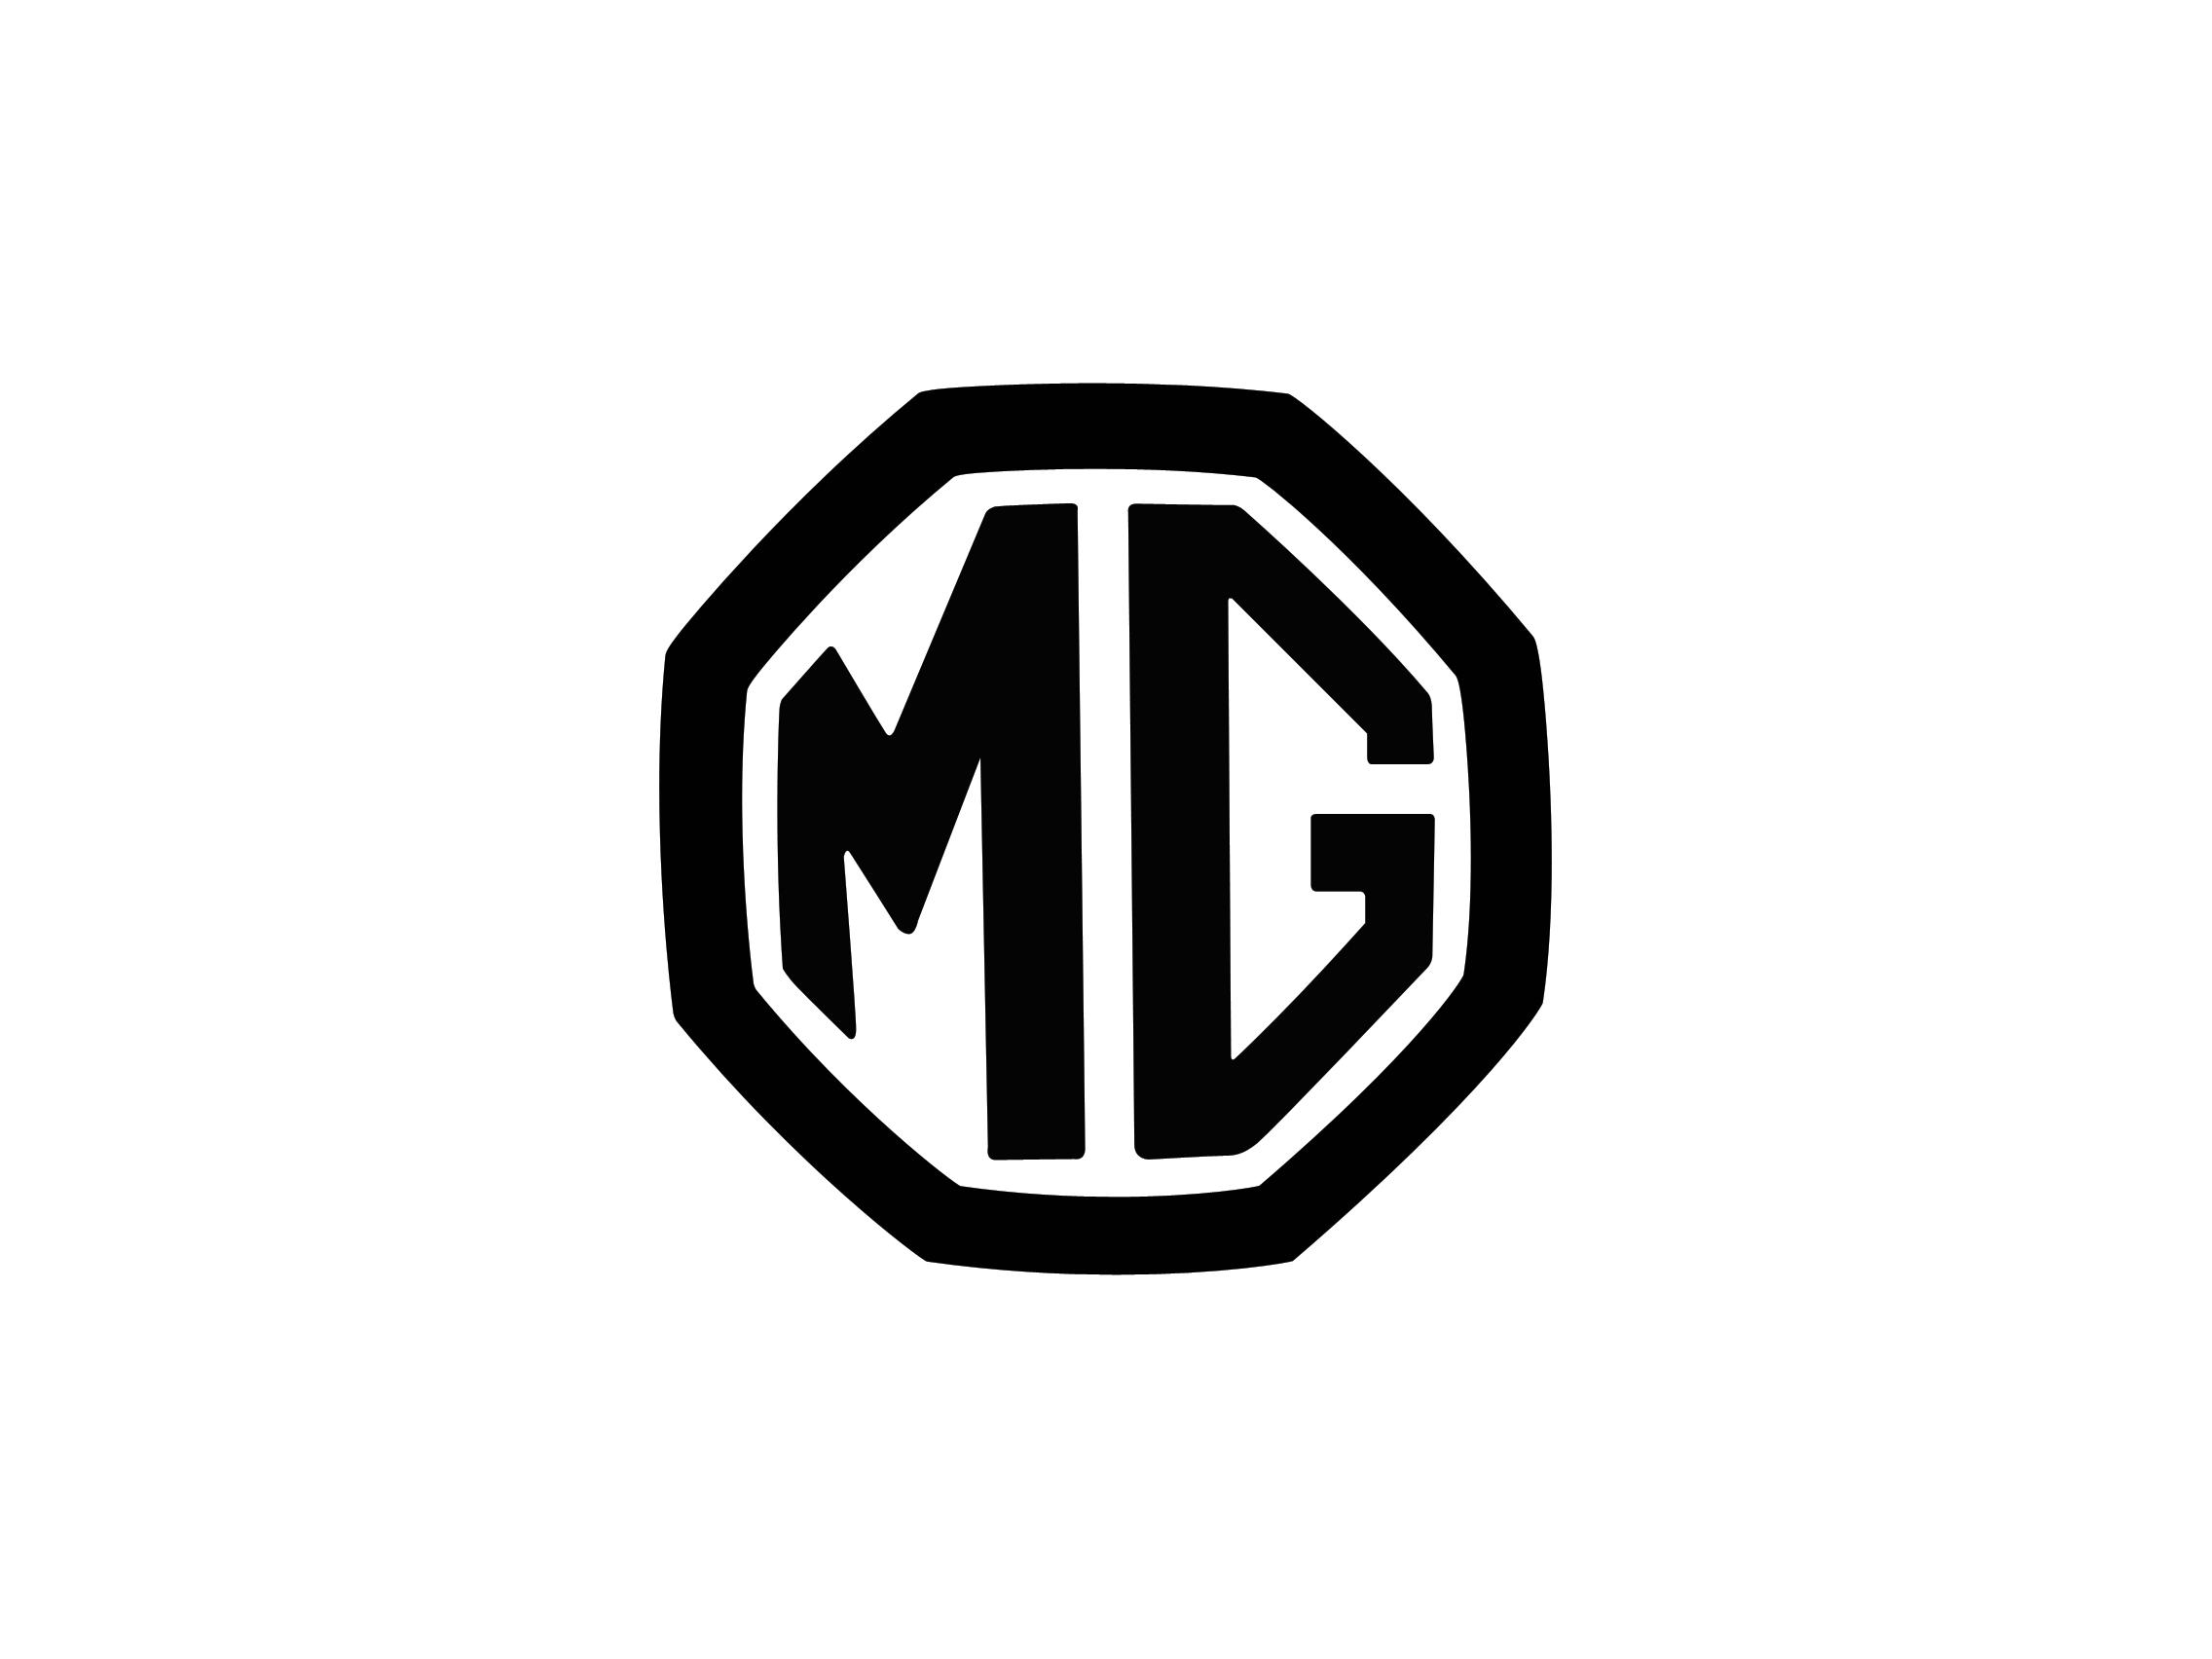 MG Logo HD P Png Meaning Information Carlogosorg - Cool car logos